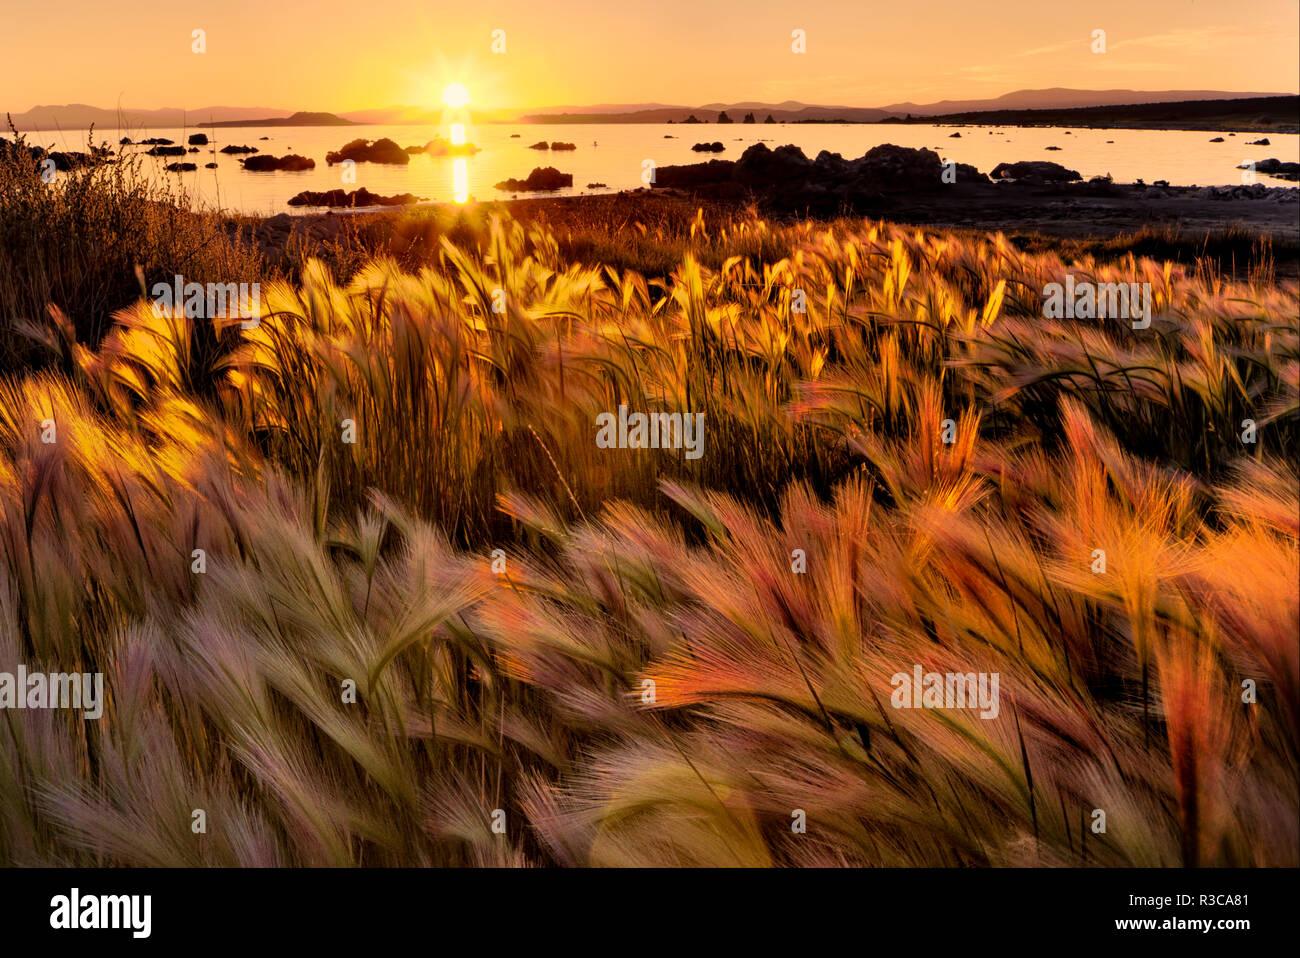 Foxtail Grass und Mono Lake bei Sonnenaufgang, Great Basin, östlichen Sierra, Kalifornien. Stockbild